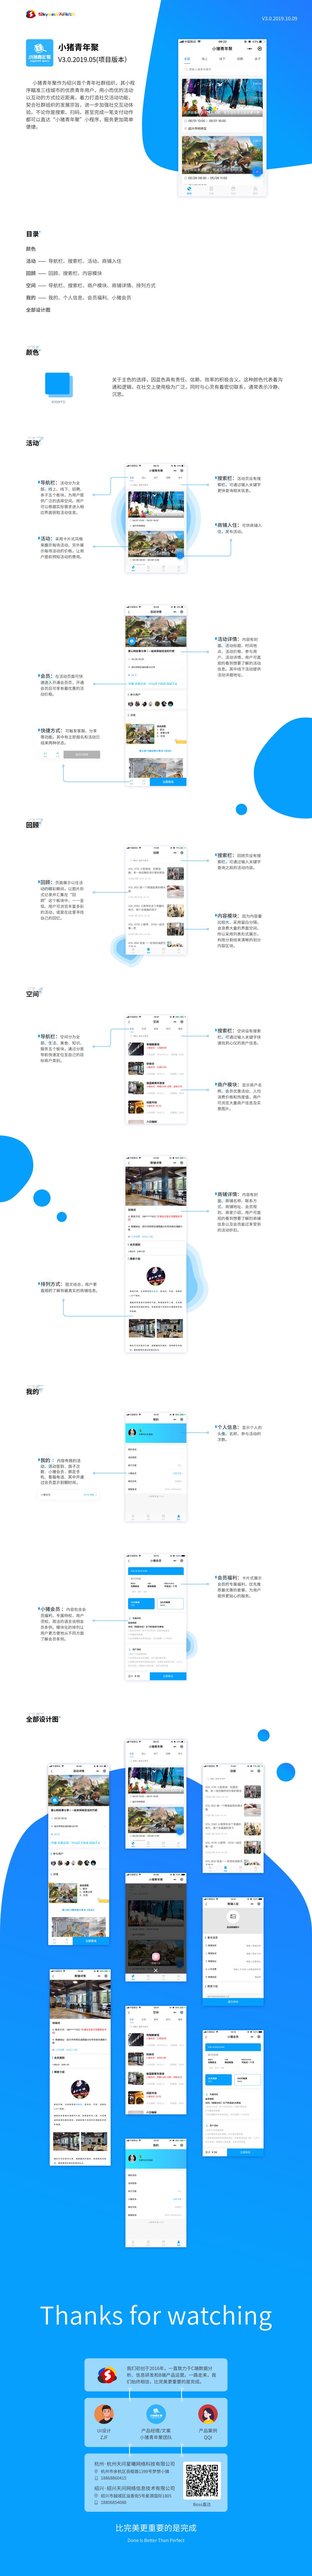 产品案例 | 线下活动服务平台UI设计-天问信息博客平台